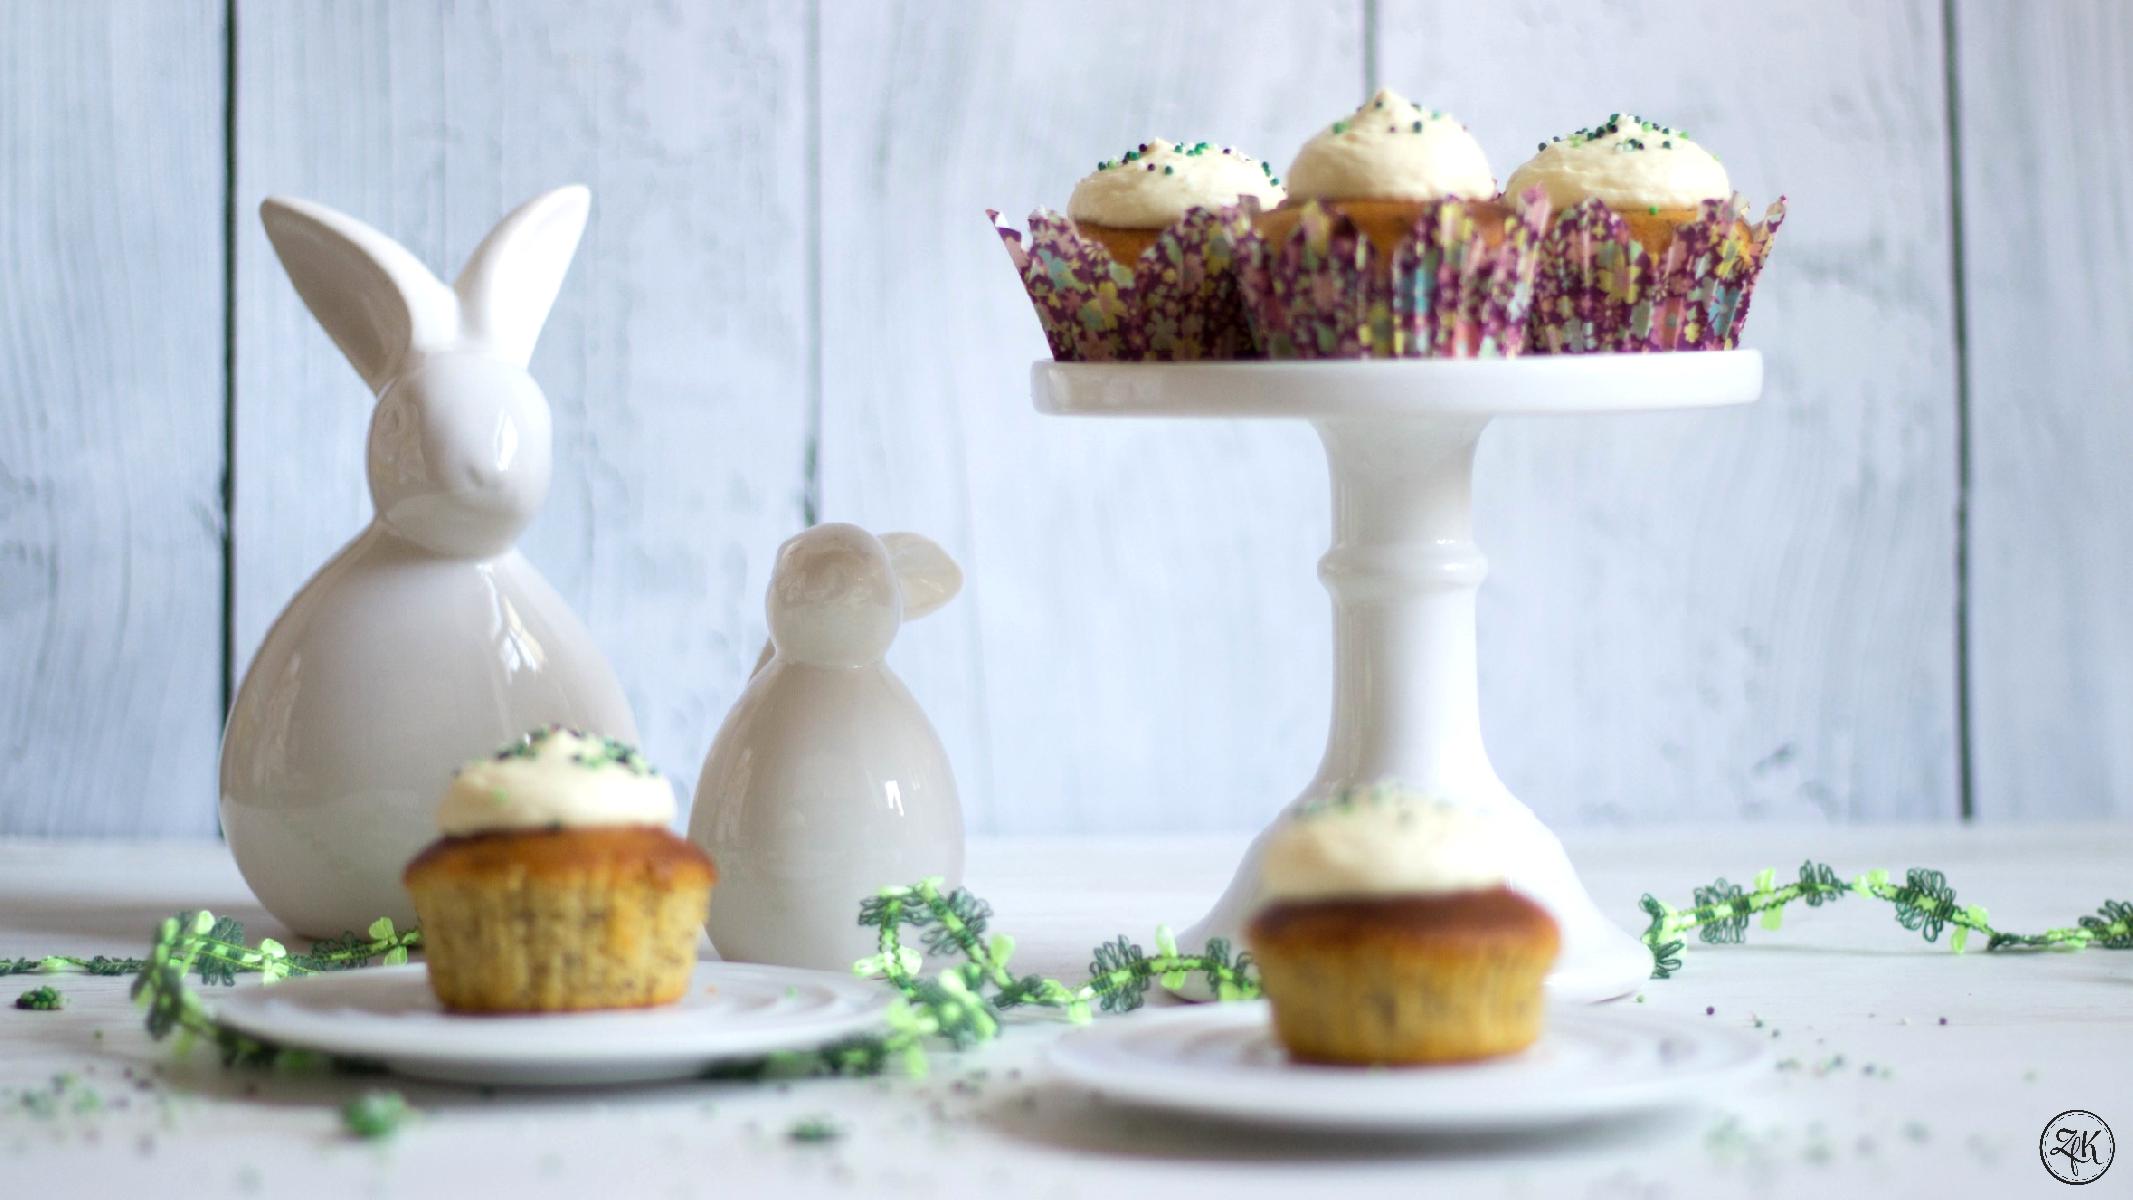 Willkommen in der Osterbäckerei - Lemoncurd Cupcakes